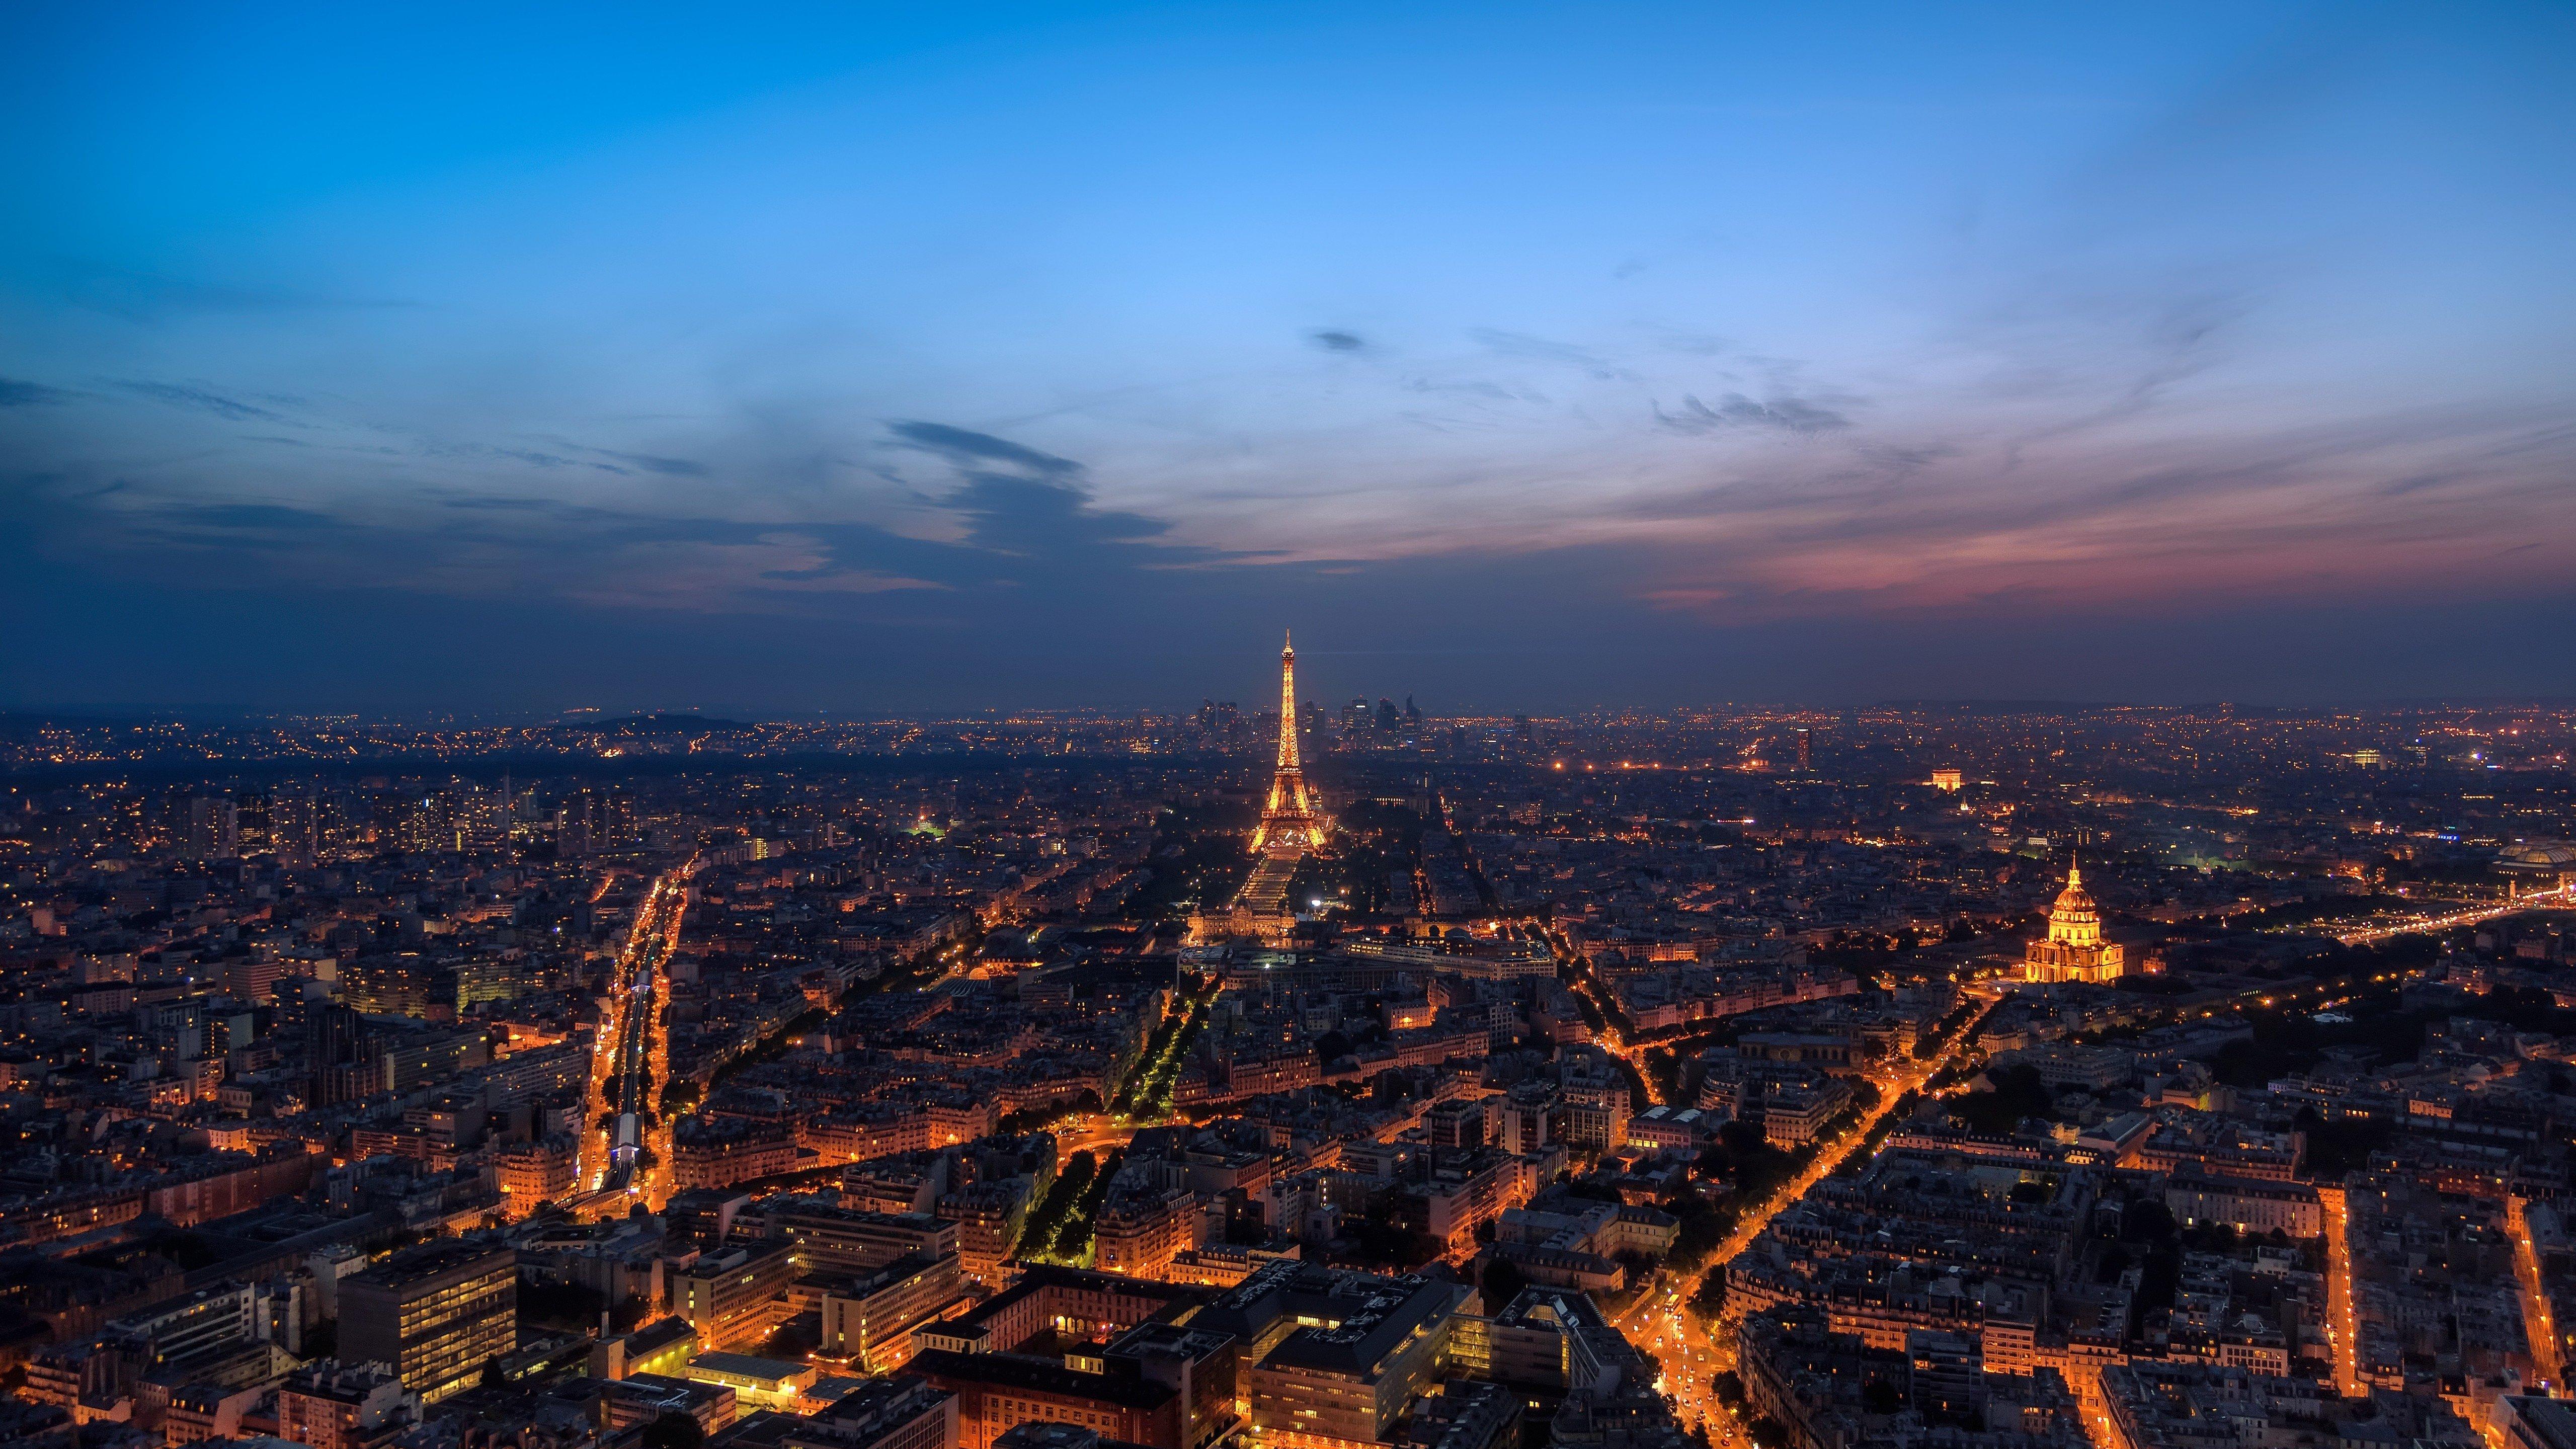 Fondos de pantalla Paisaje de Paris en la noche